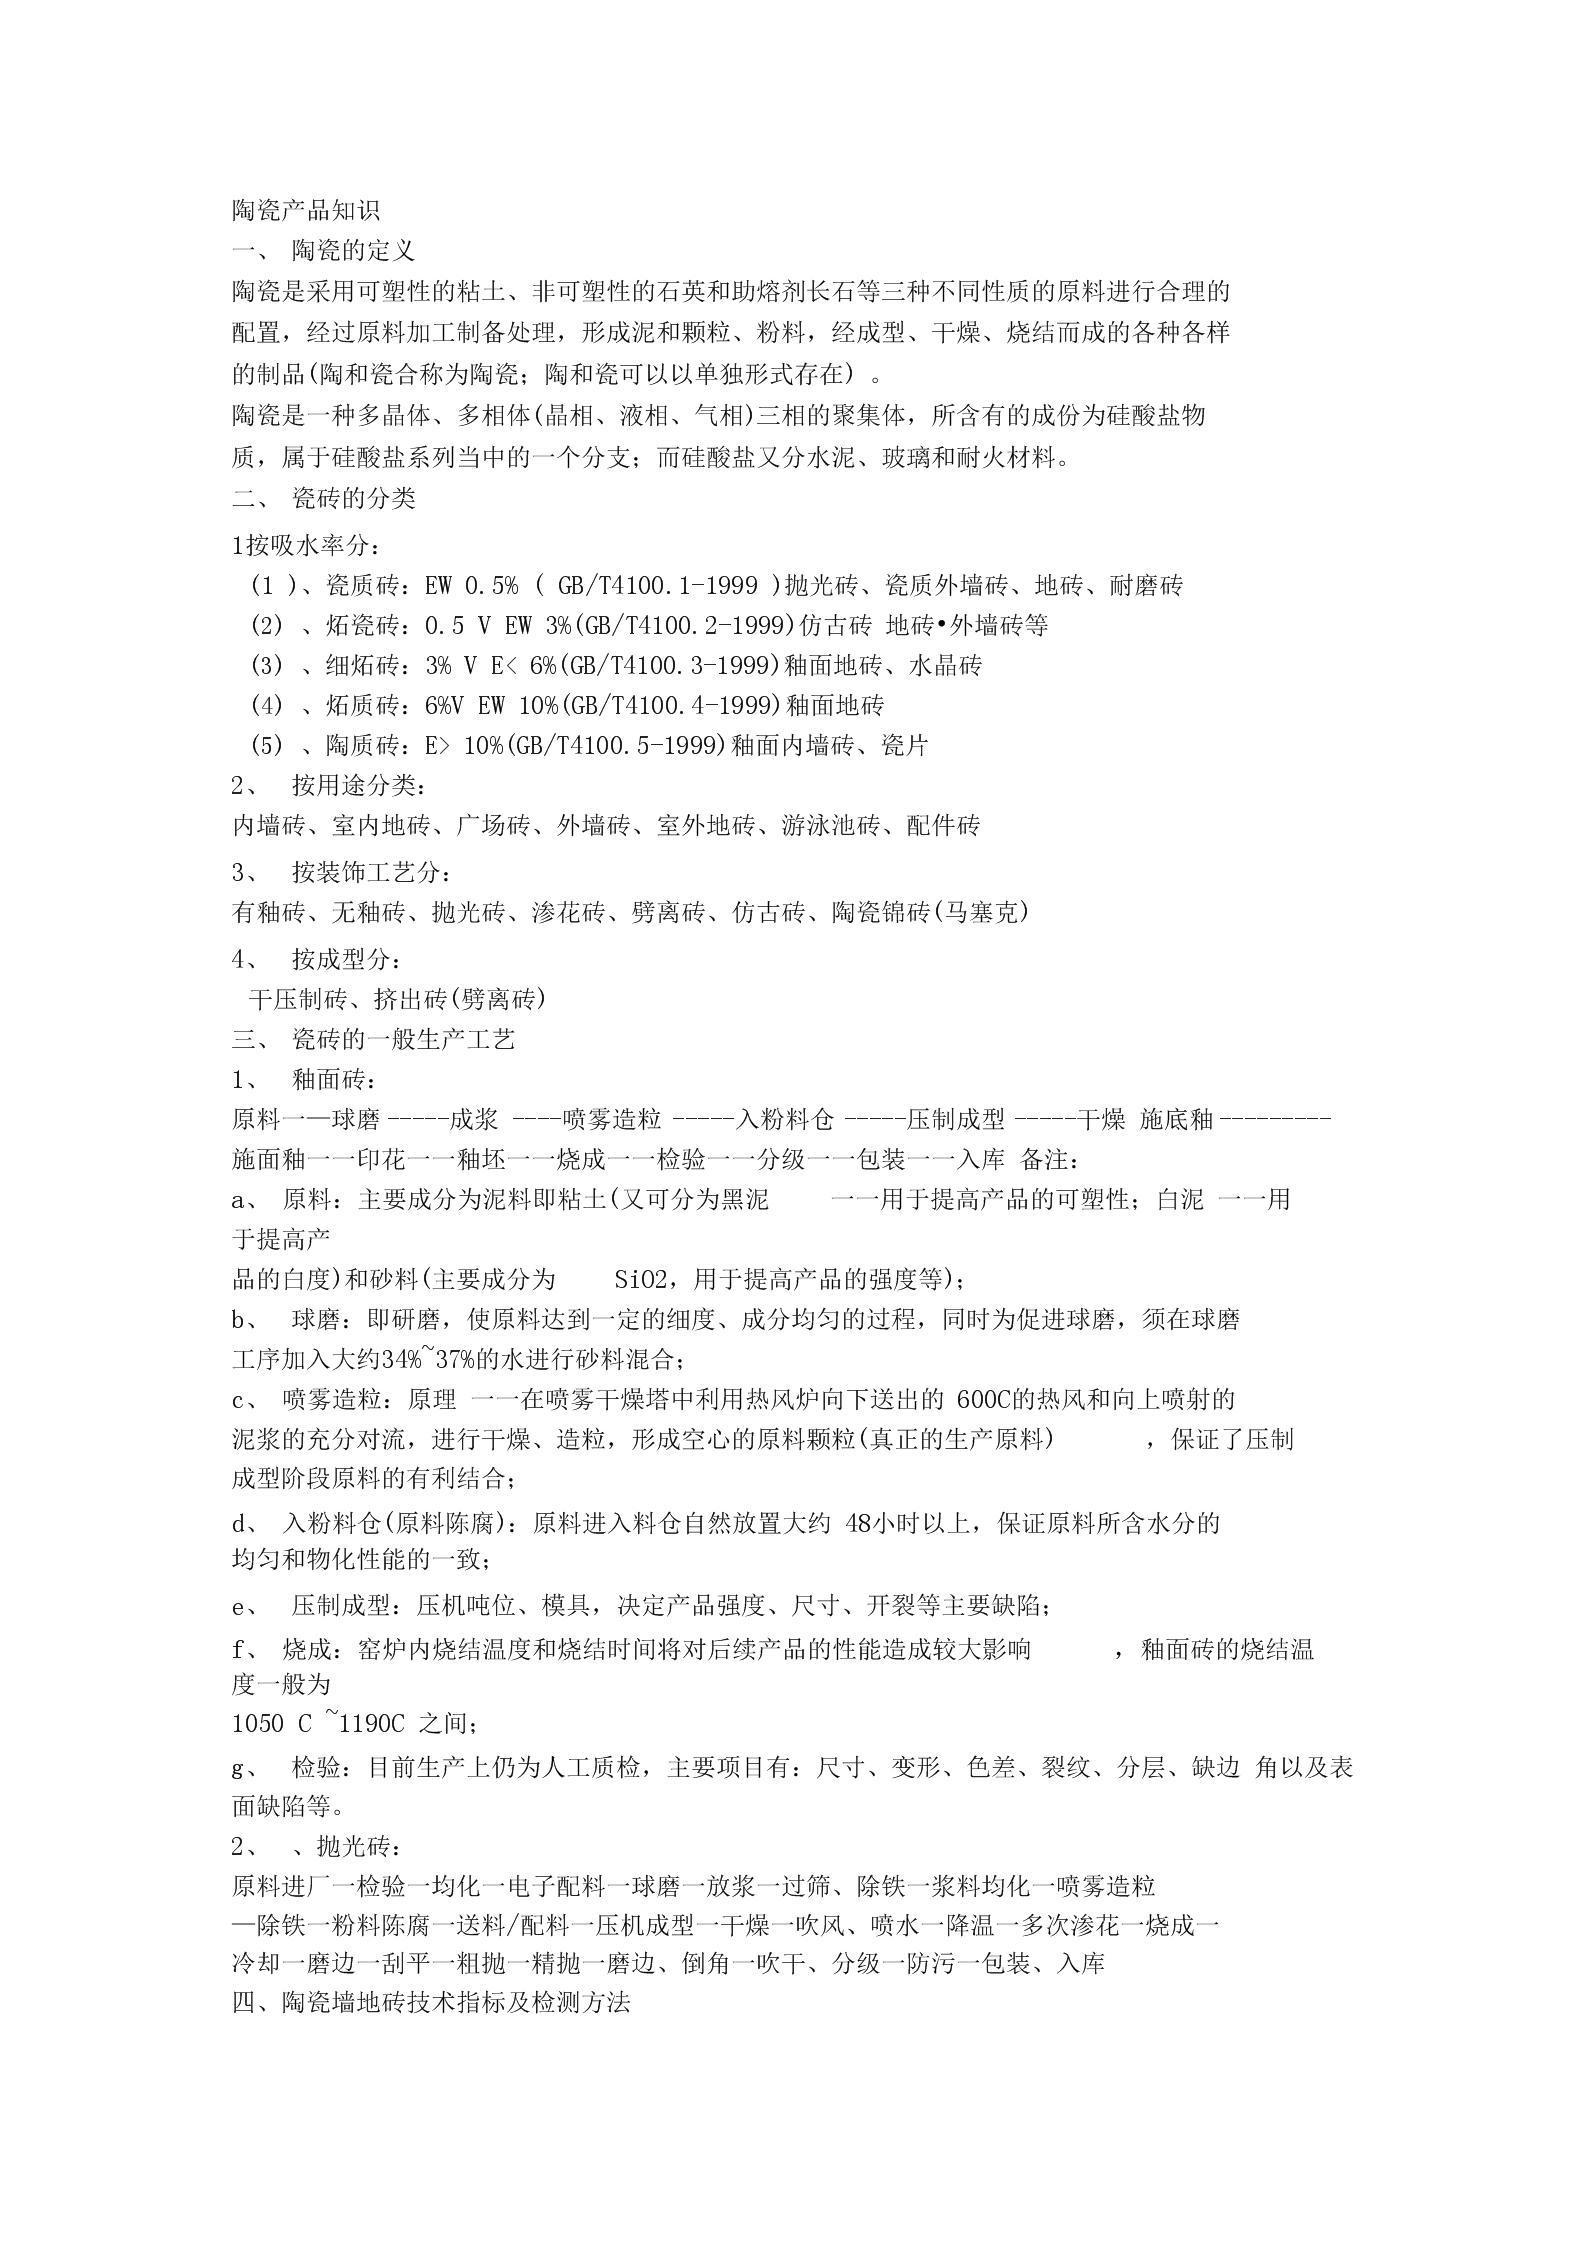 陶瓷产品知识.docx